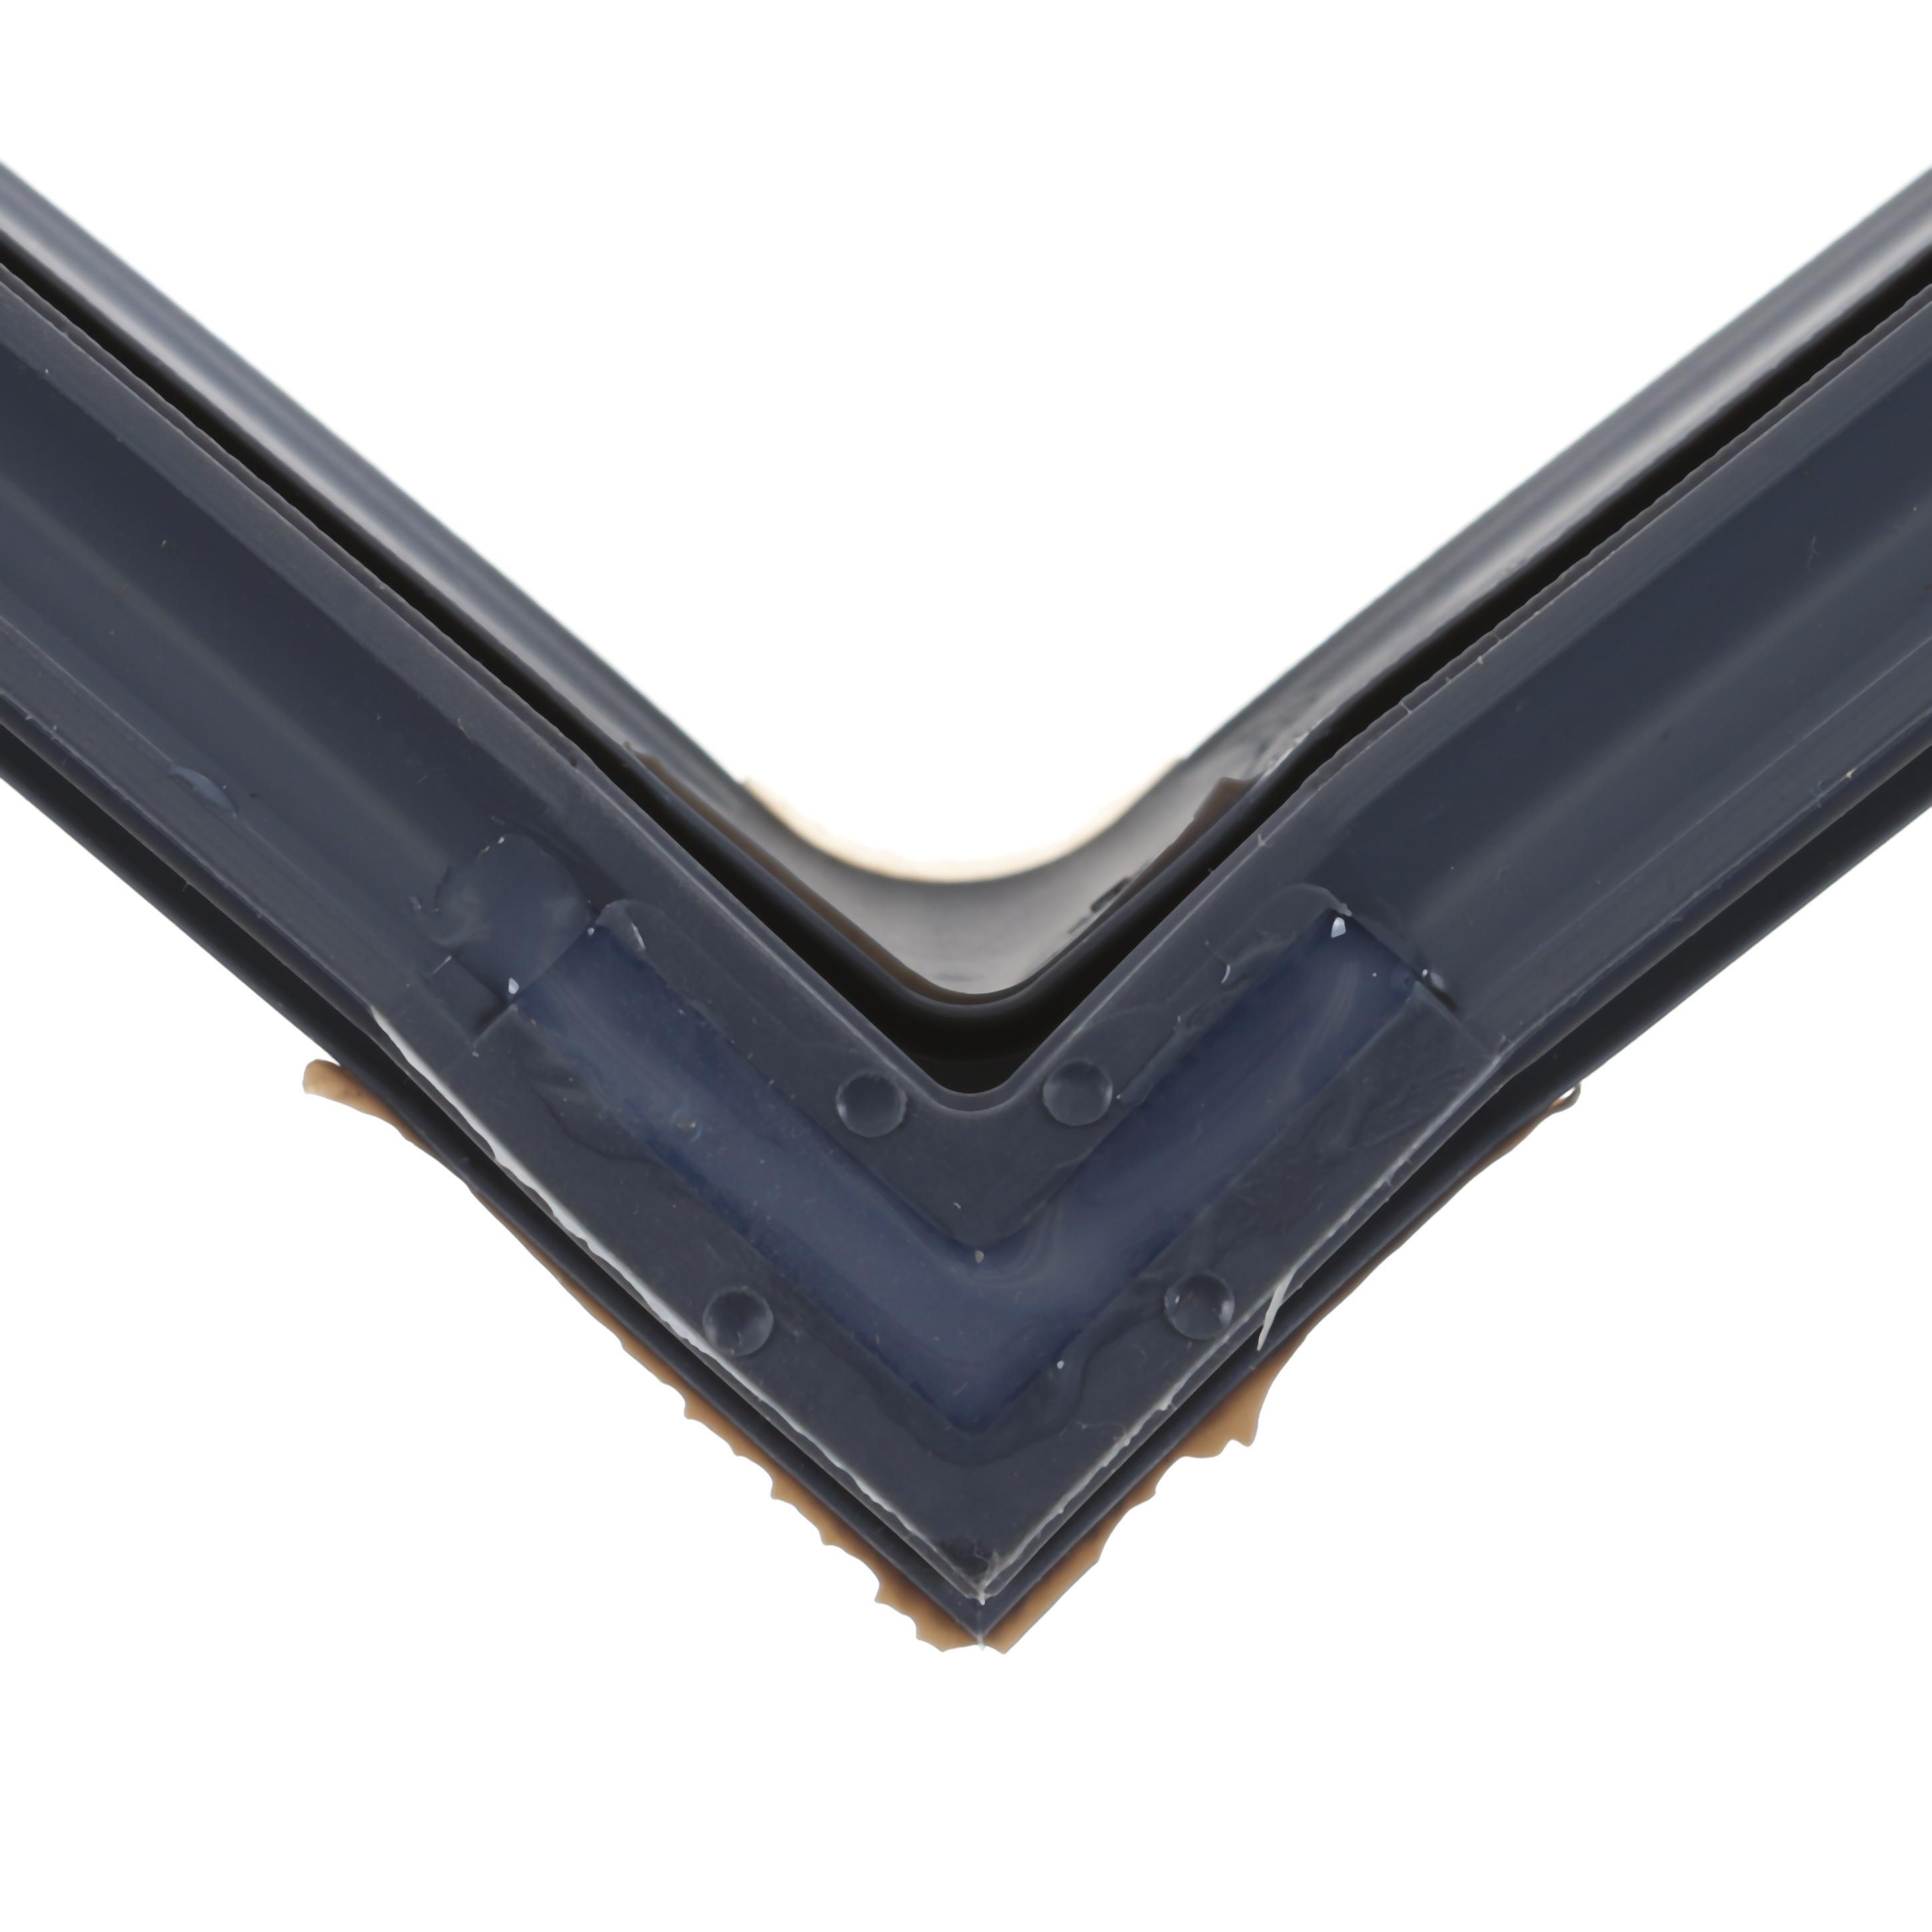 sc 1 st  Heritage Parts & RATIONAL DOOR GASKET | Part #20.00.394P